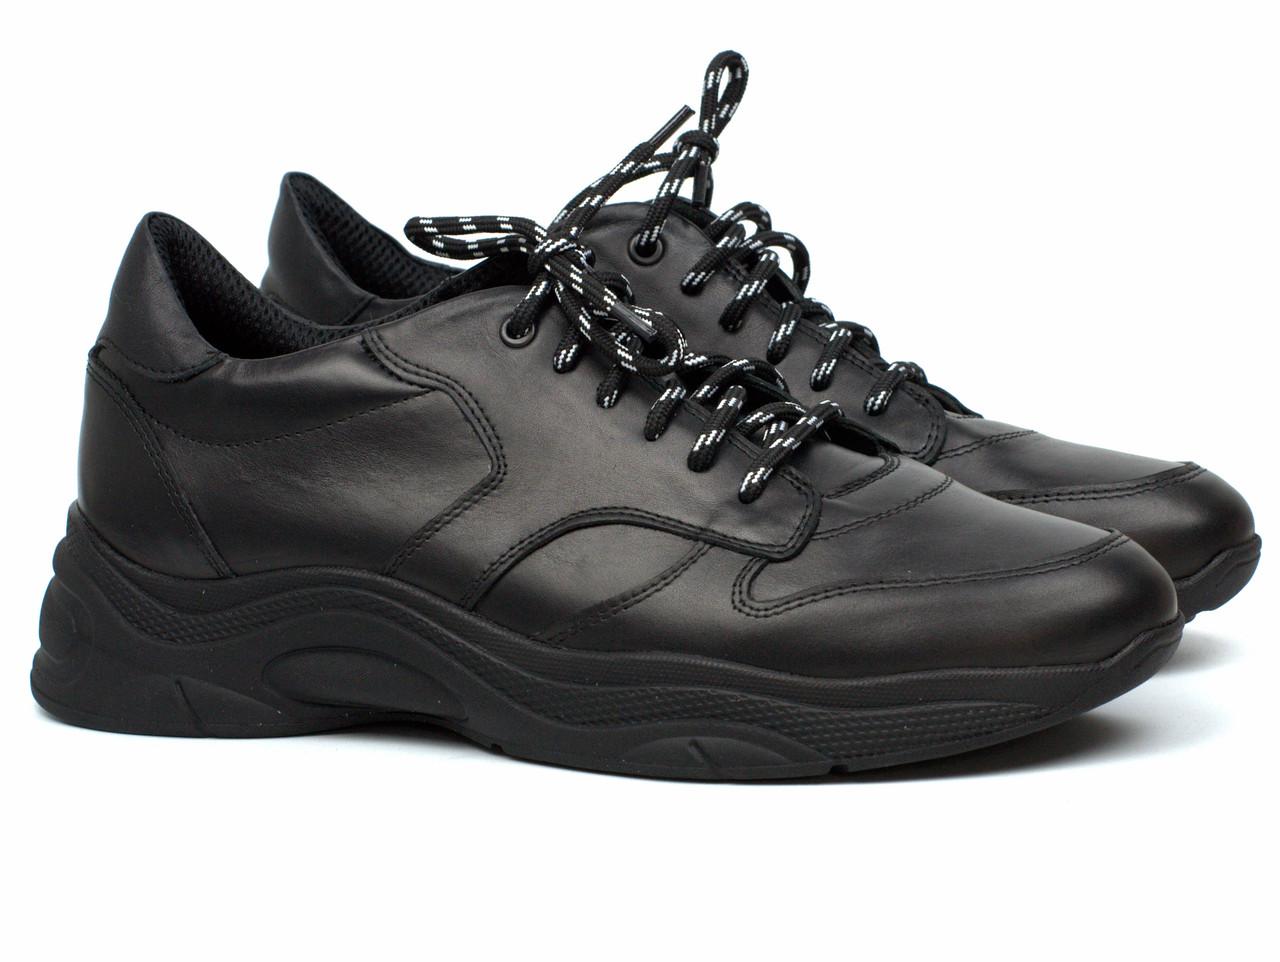 Чоловічі чорні кросівки шкіряні взуття демісезонне Rosso Avangard Black Panther